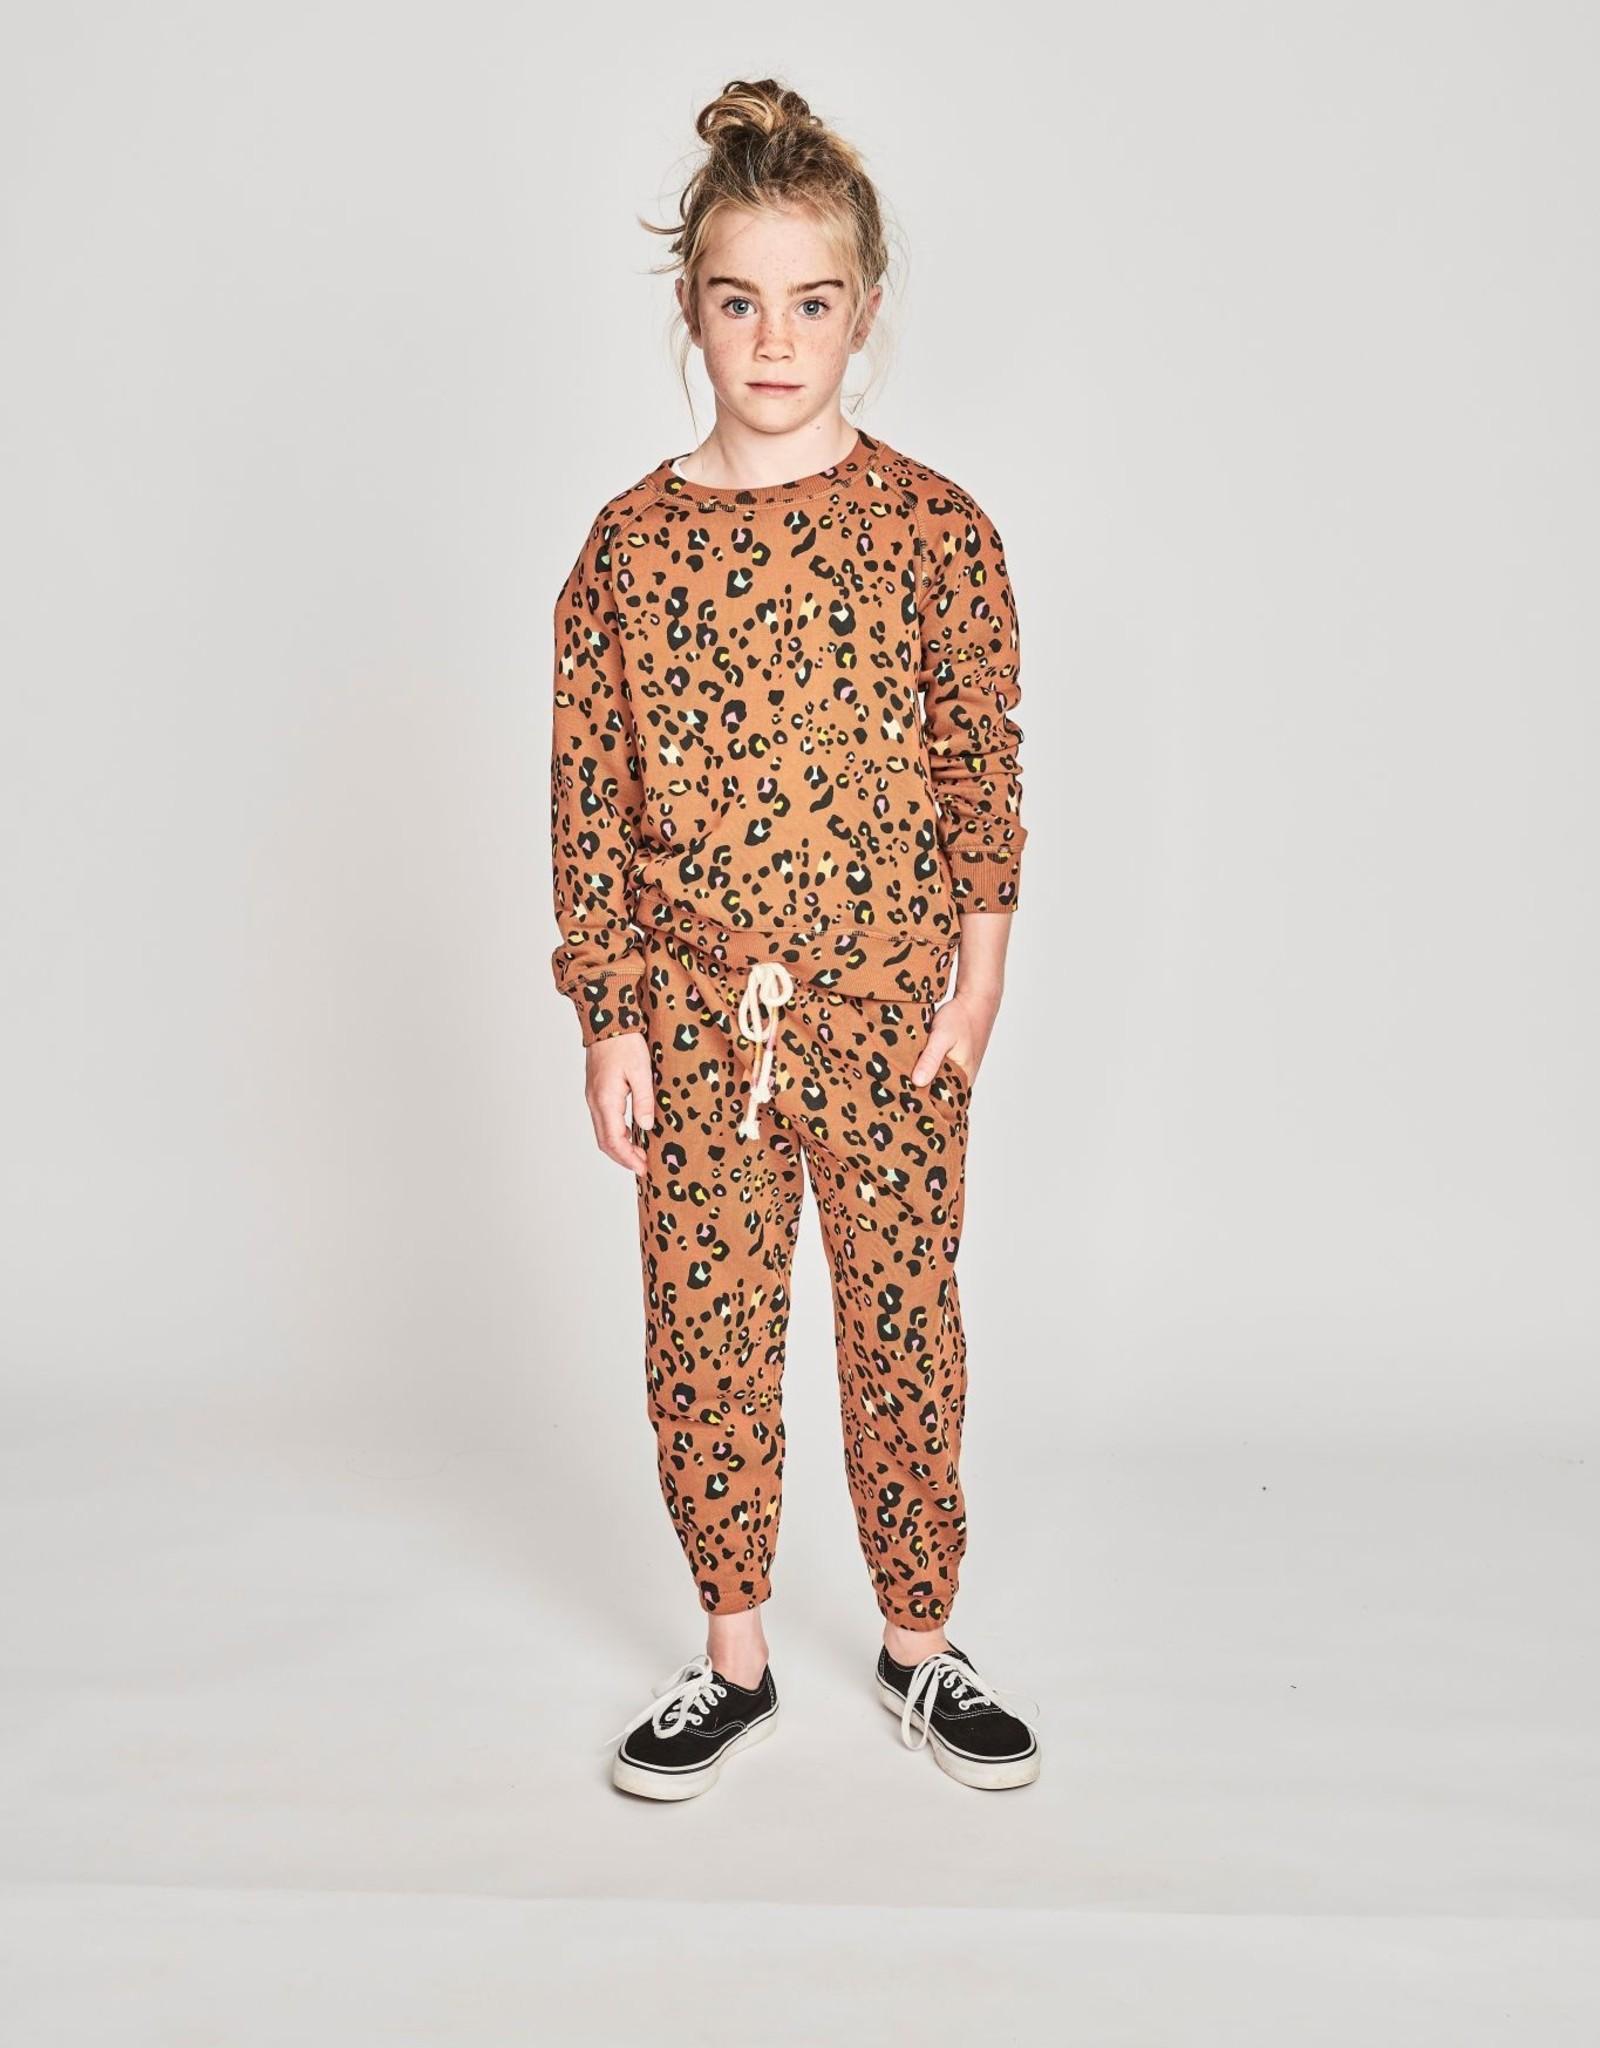 Munster Kids hazel pant- leopard